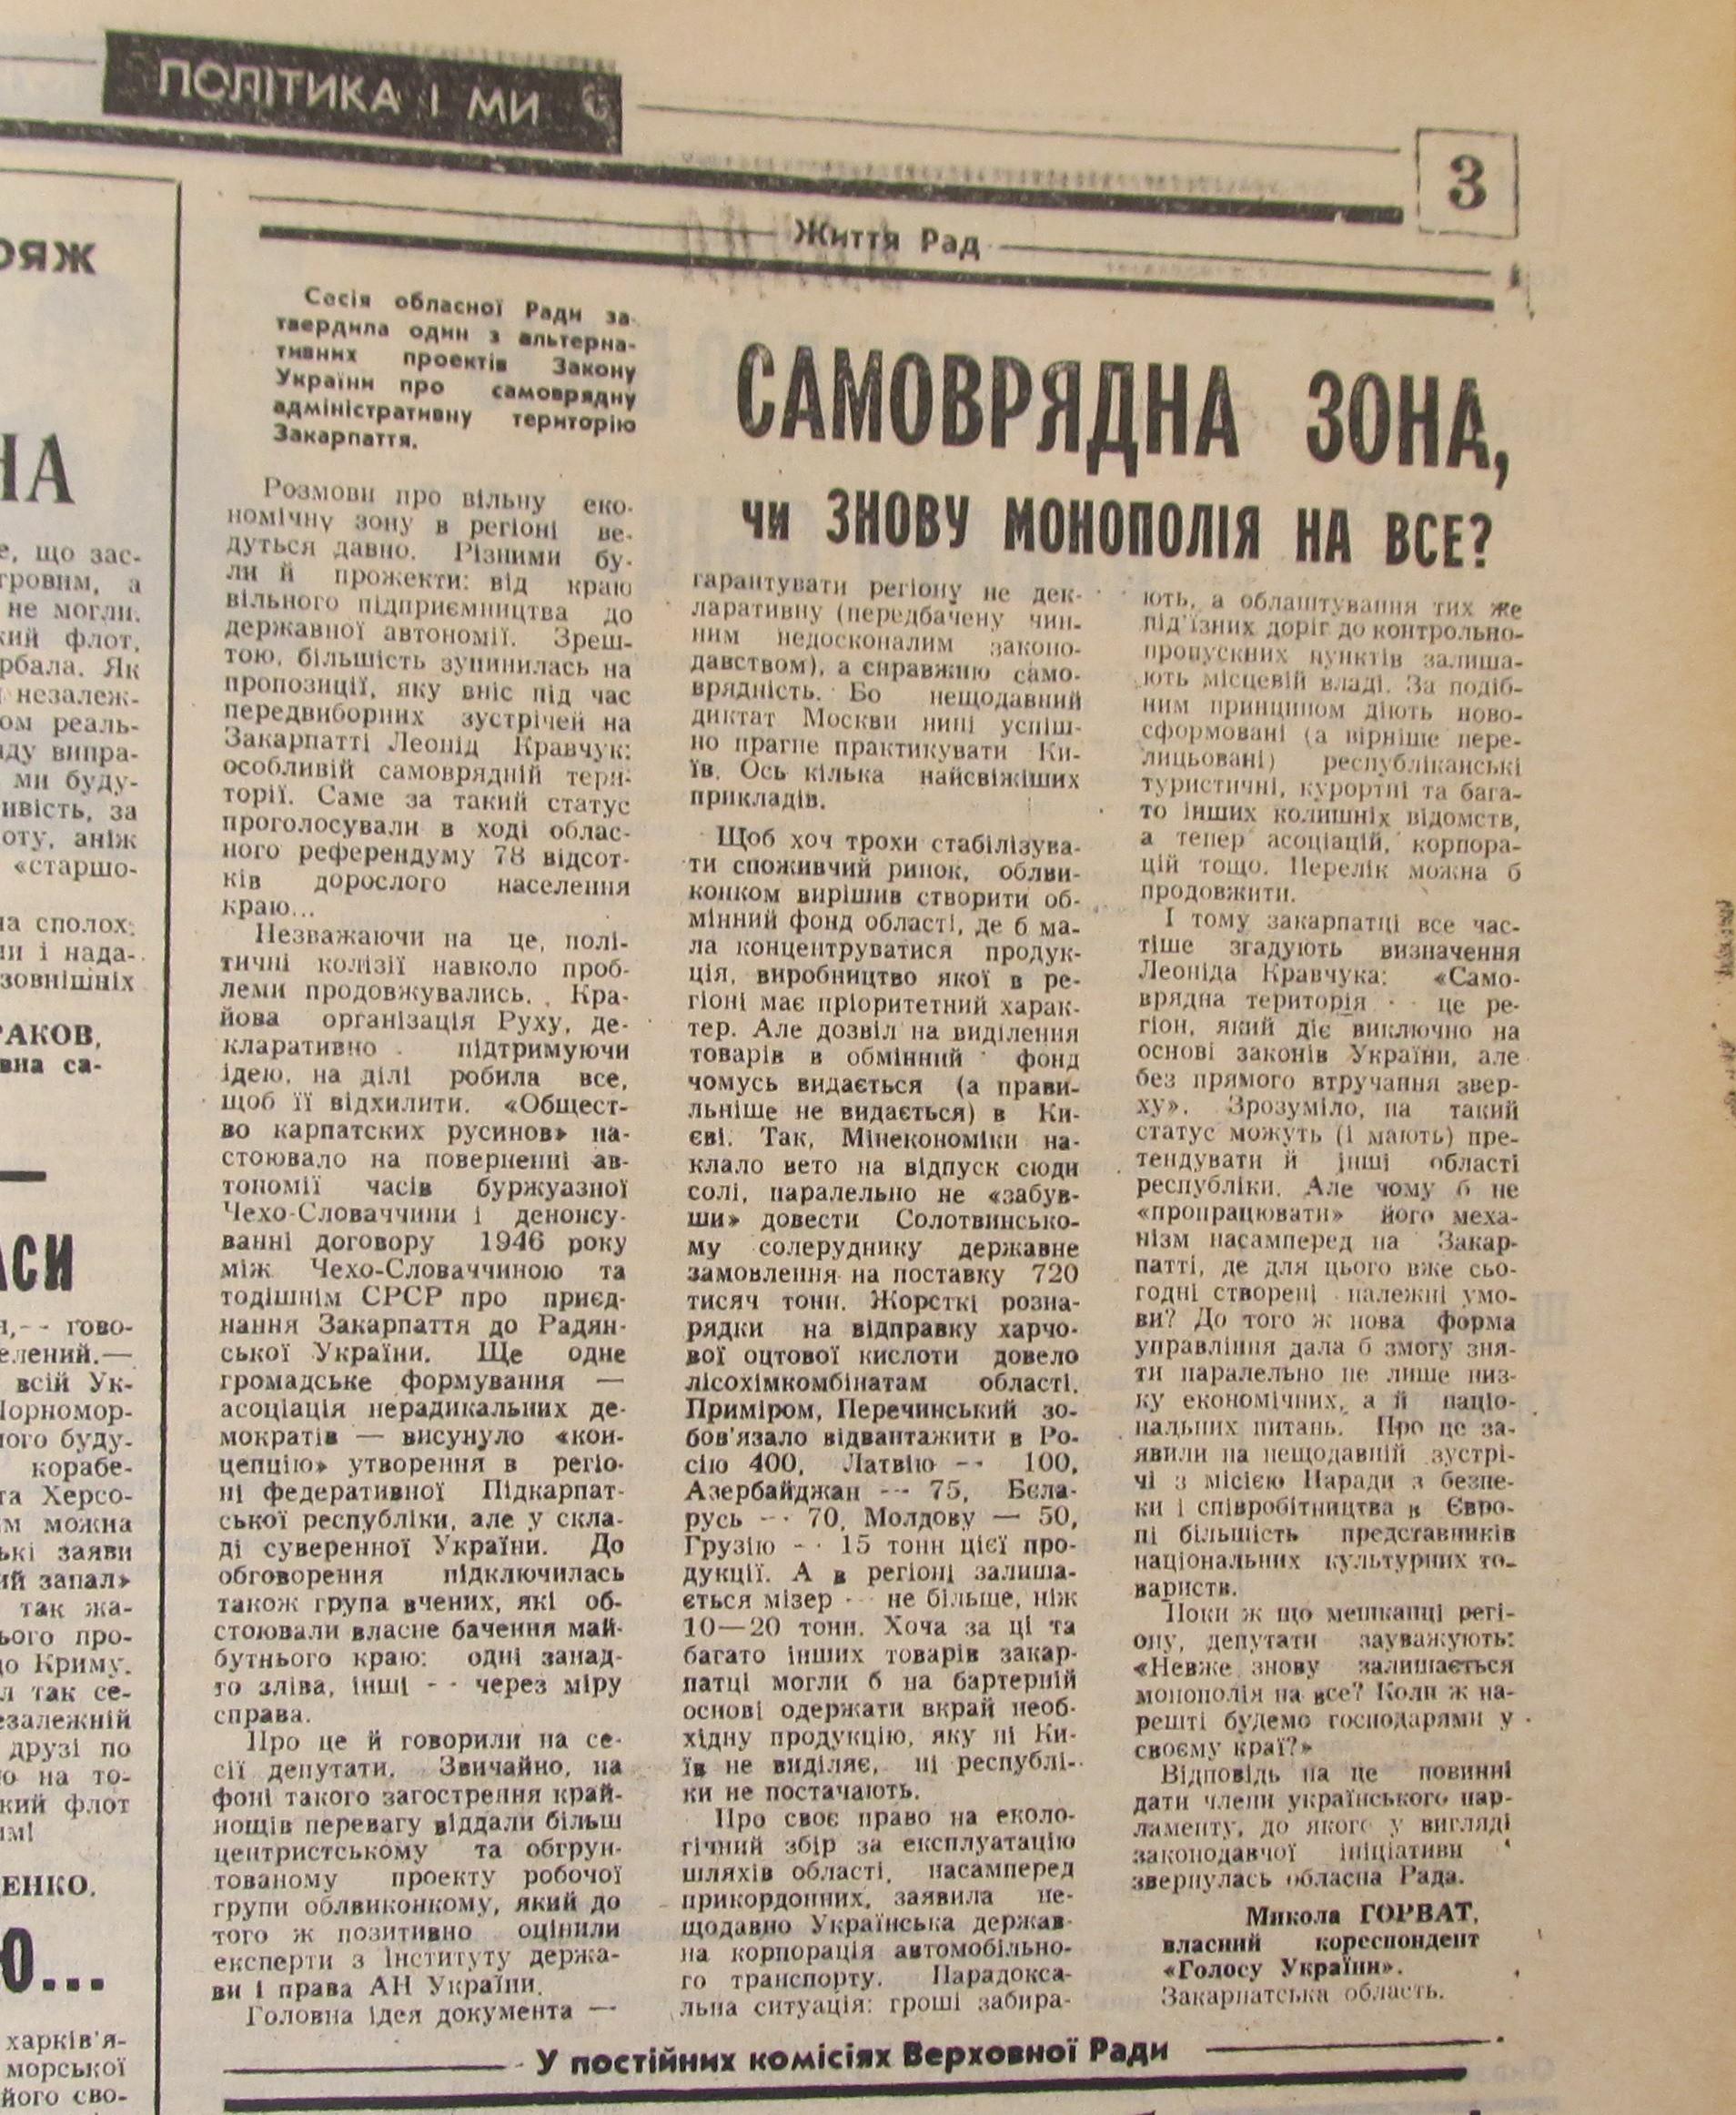 Golos Ukrainy_№65_ 9_04_1992_